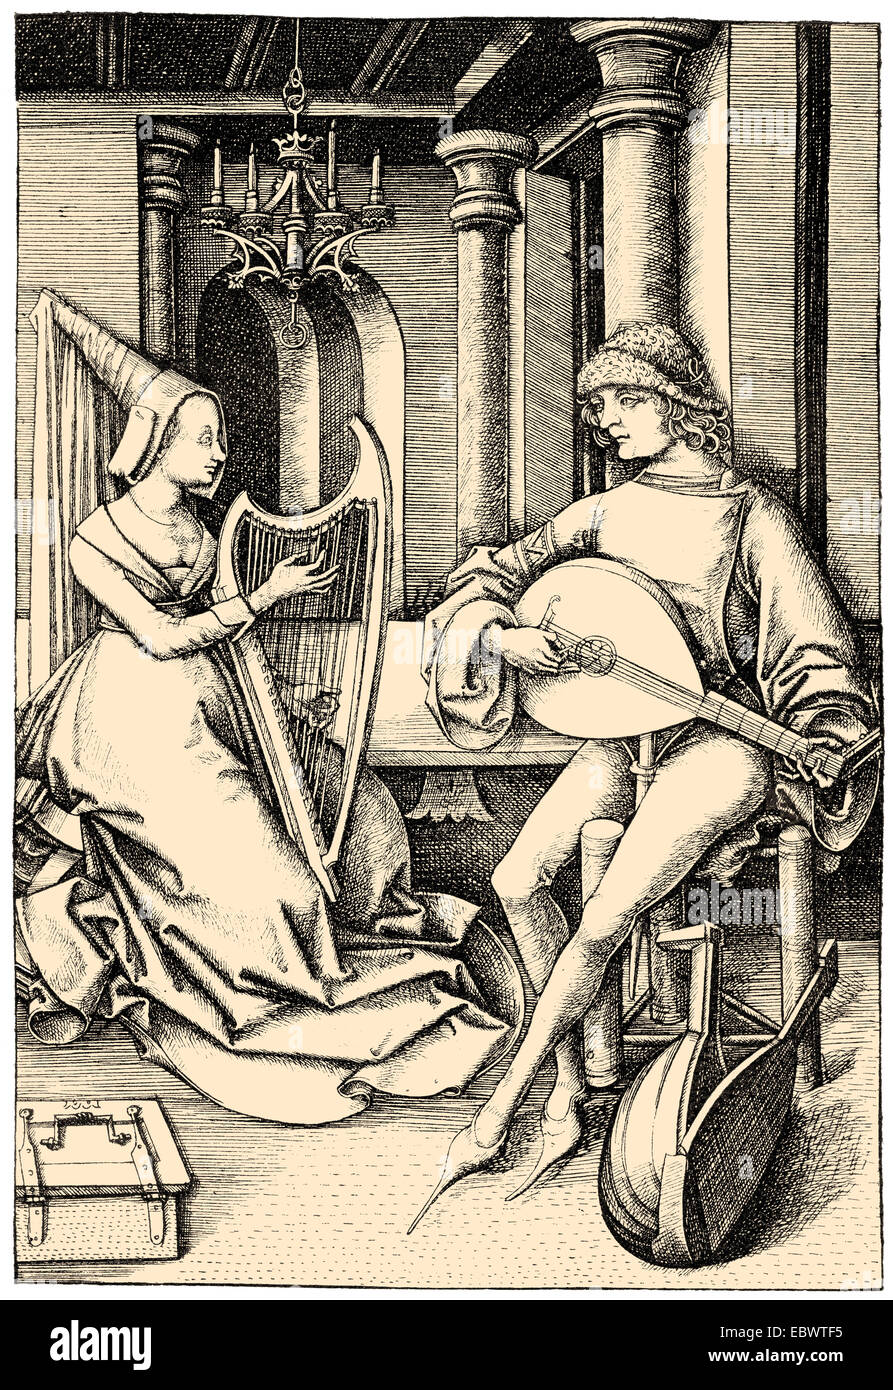 Musiker spielen eine laute und eine Harfe, 15. Jahrhundert, Musikanten Mit Einer Laute Und Harfe, 15. Halbmonatsschrift Stockbild